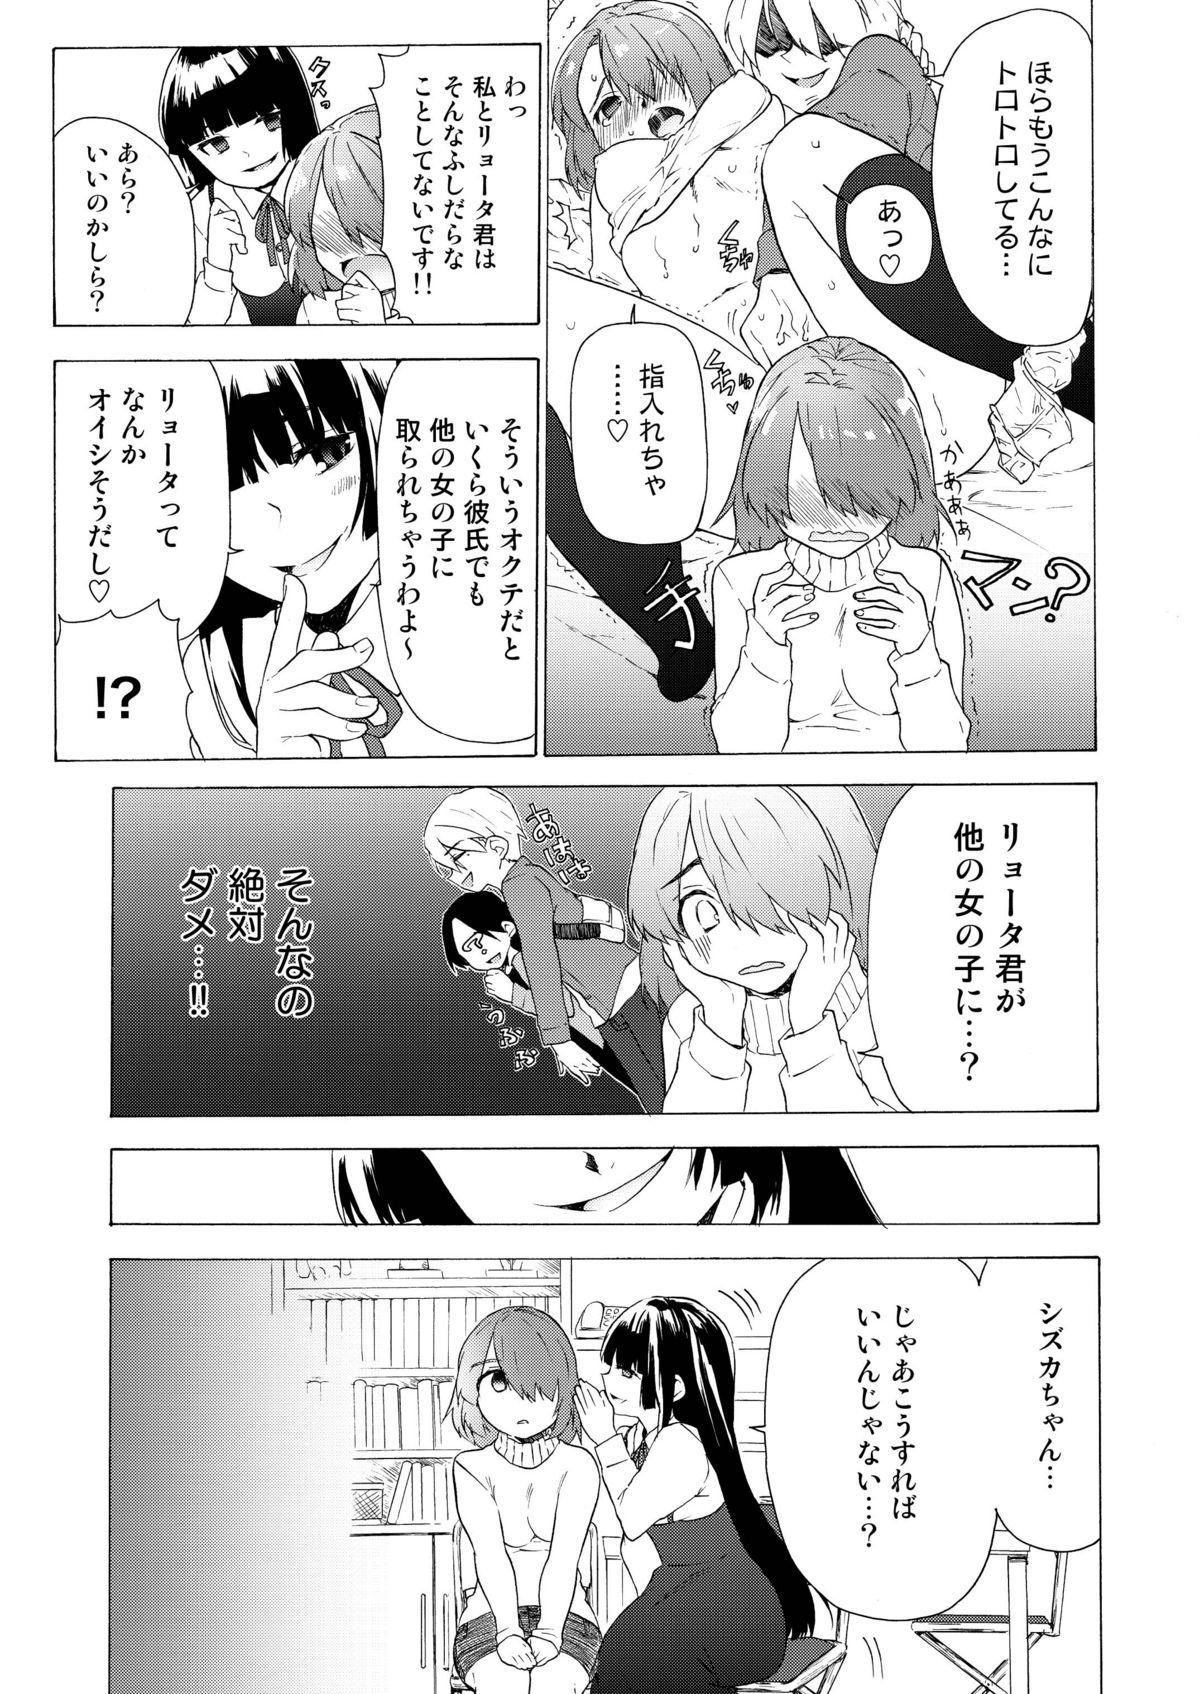 Boku no Kanojo wa Jimi 8